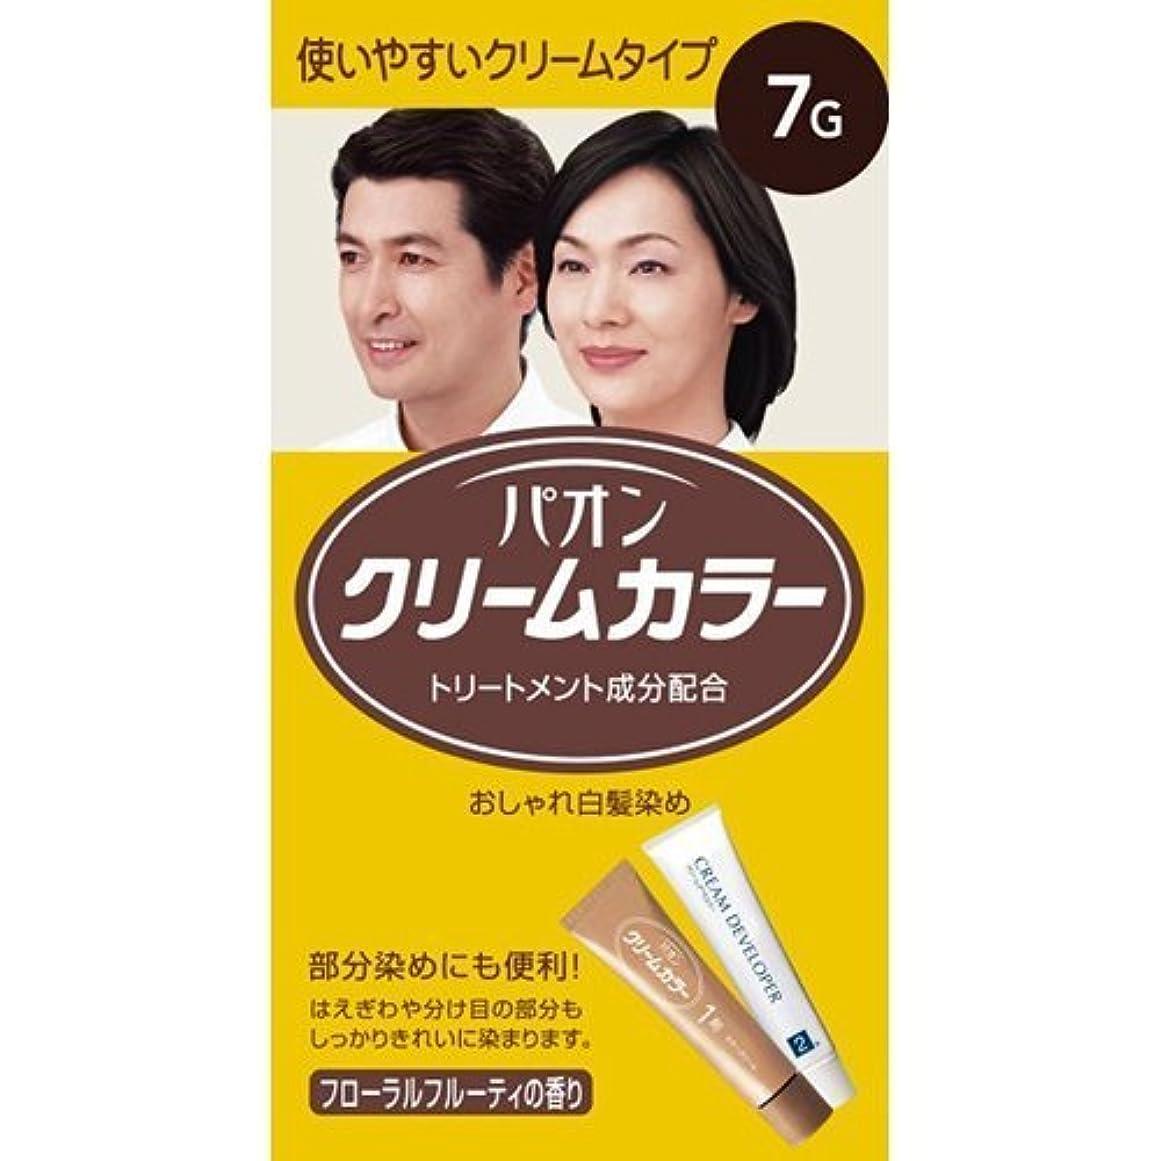 嫌がるサポート臨検【シュワルツコフ ヘンケル】パオンクリームカラー7-G自然な黒褐色40g+40g